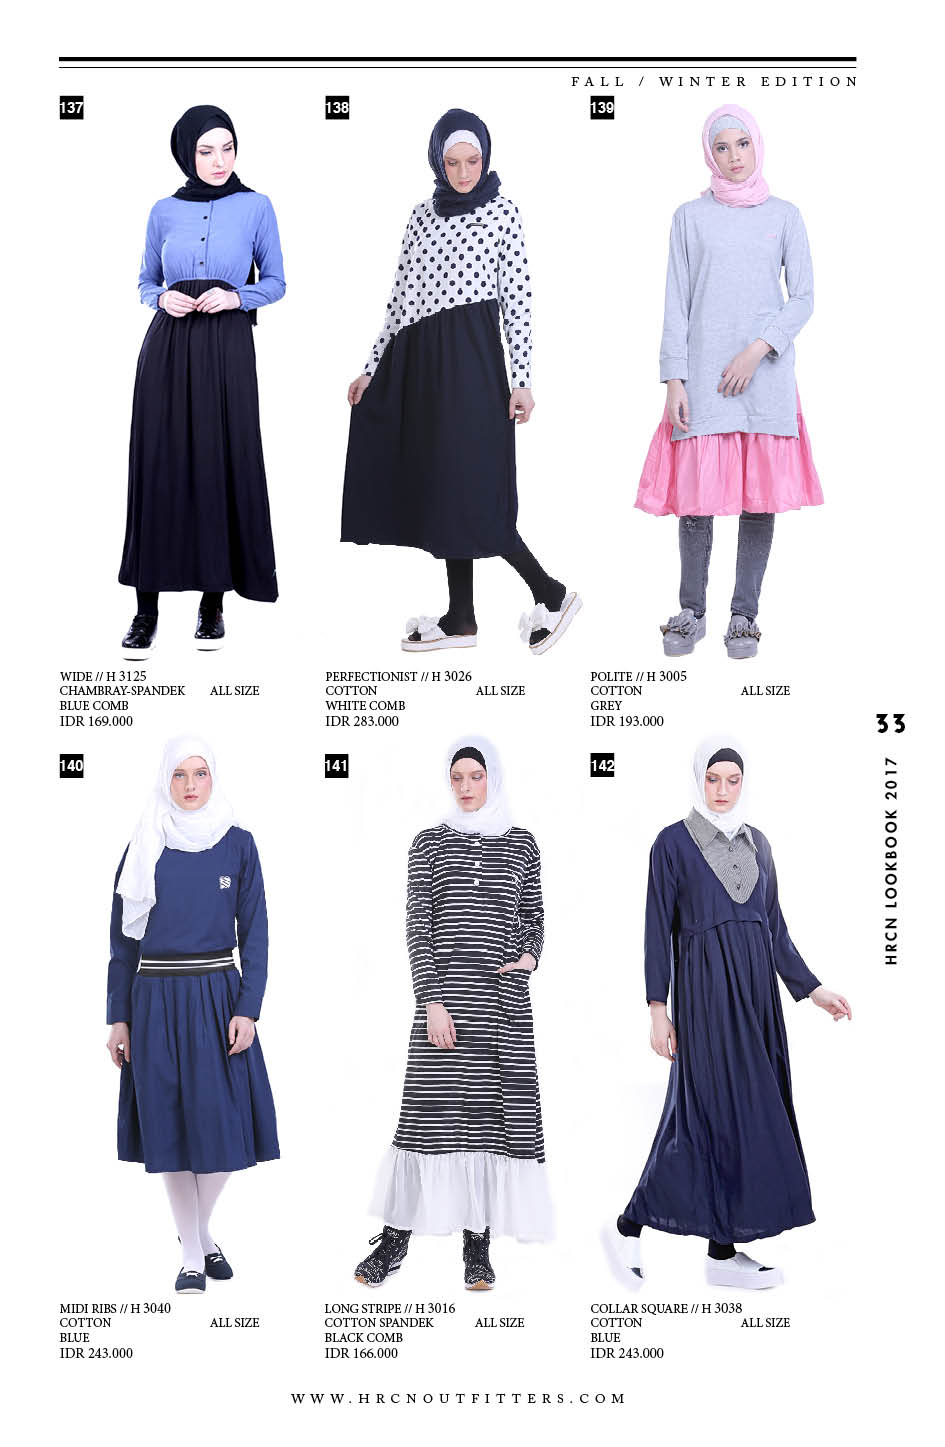 Katalog Hrcn 2017 2018 Fashion Distro Anak Muda Jaman Now Kaos Casual Pria H 0046 Dan Wanita Produk Berkualitas Dengan Menggunakan Bahan Terstandar Harga Sesuai Kualitas Dapatkan Diskon Khusus Untuk Setiap